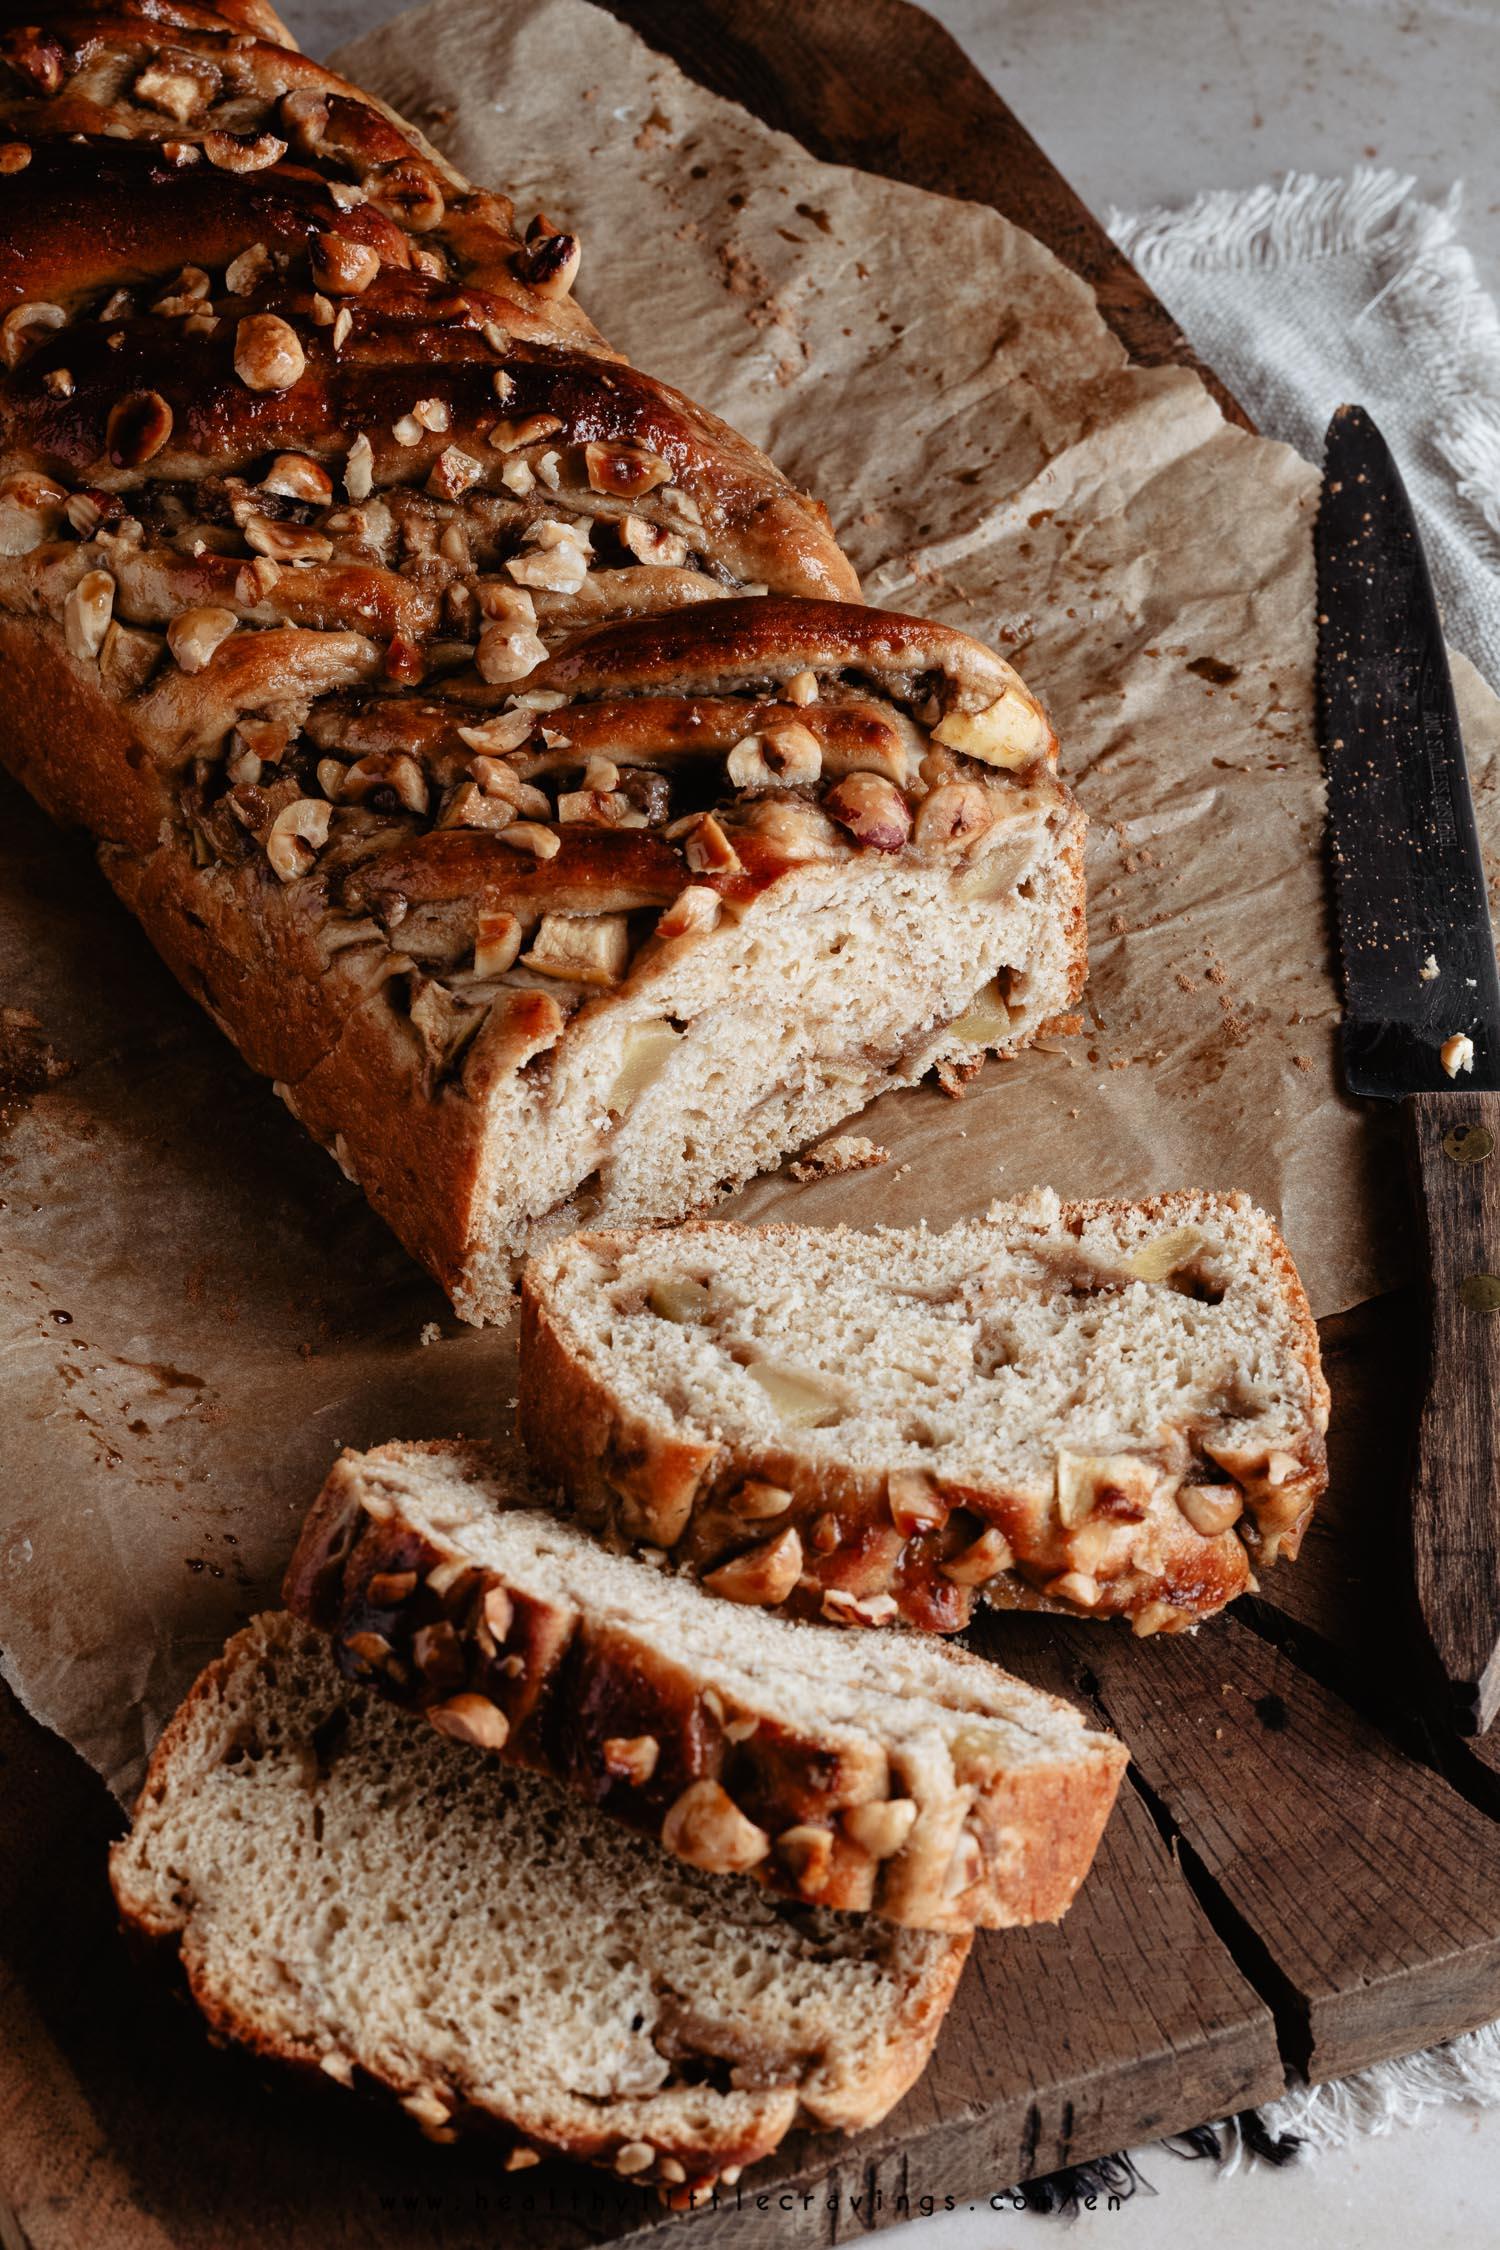 Slices of apple cinnamon babka on cutting board